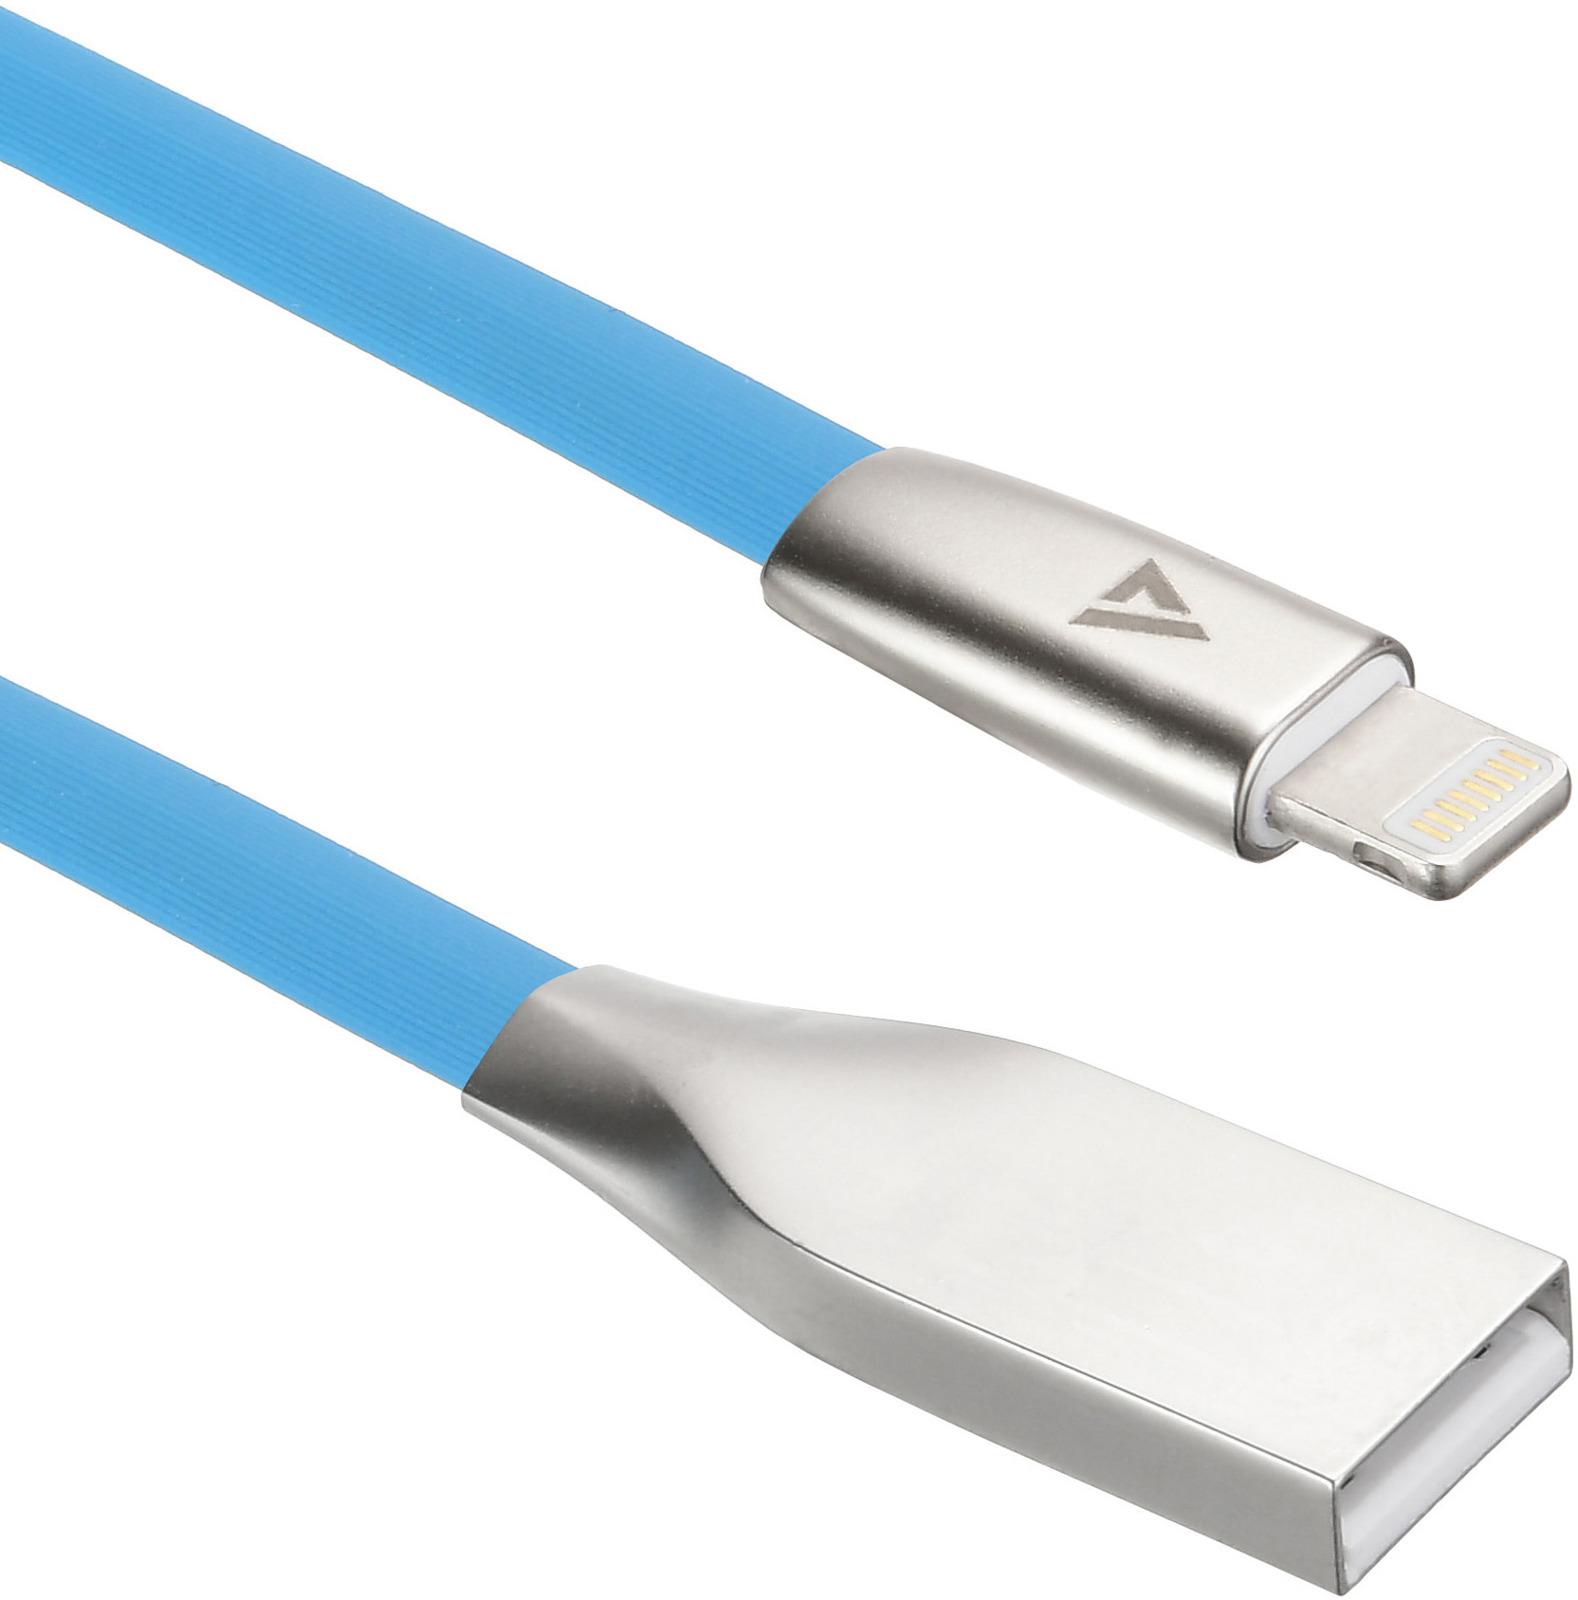 лучшая цена USB кабель ACD, 1,2 м, ACD-U922-P5L, синий